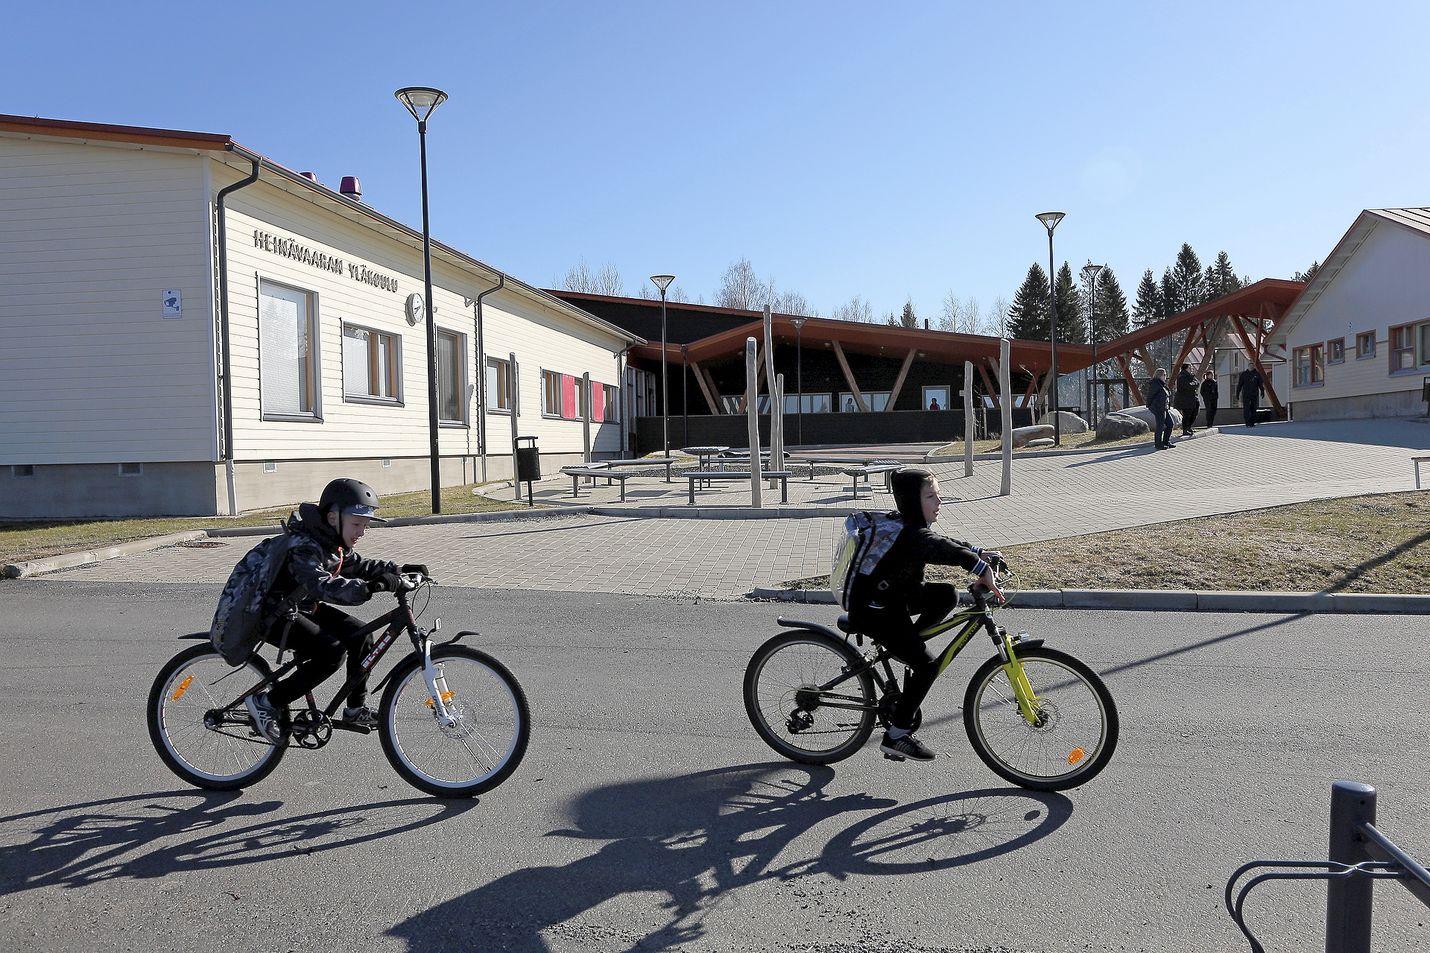 Kirjoittajat muistuttavat, että koulumatkan voi kulkea pyörällä ensimmäisestä luokasta lähtien, jos huoltajat kokevat matkan turvalliseksi.